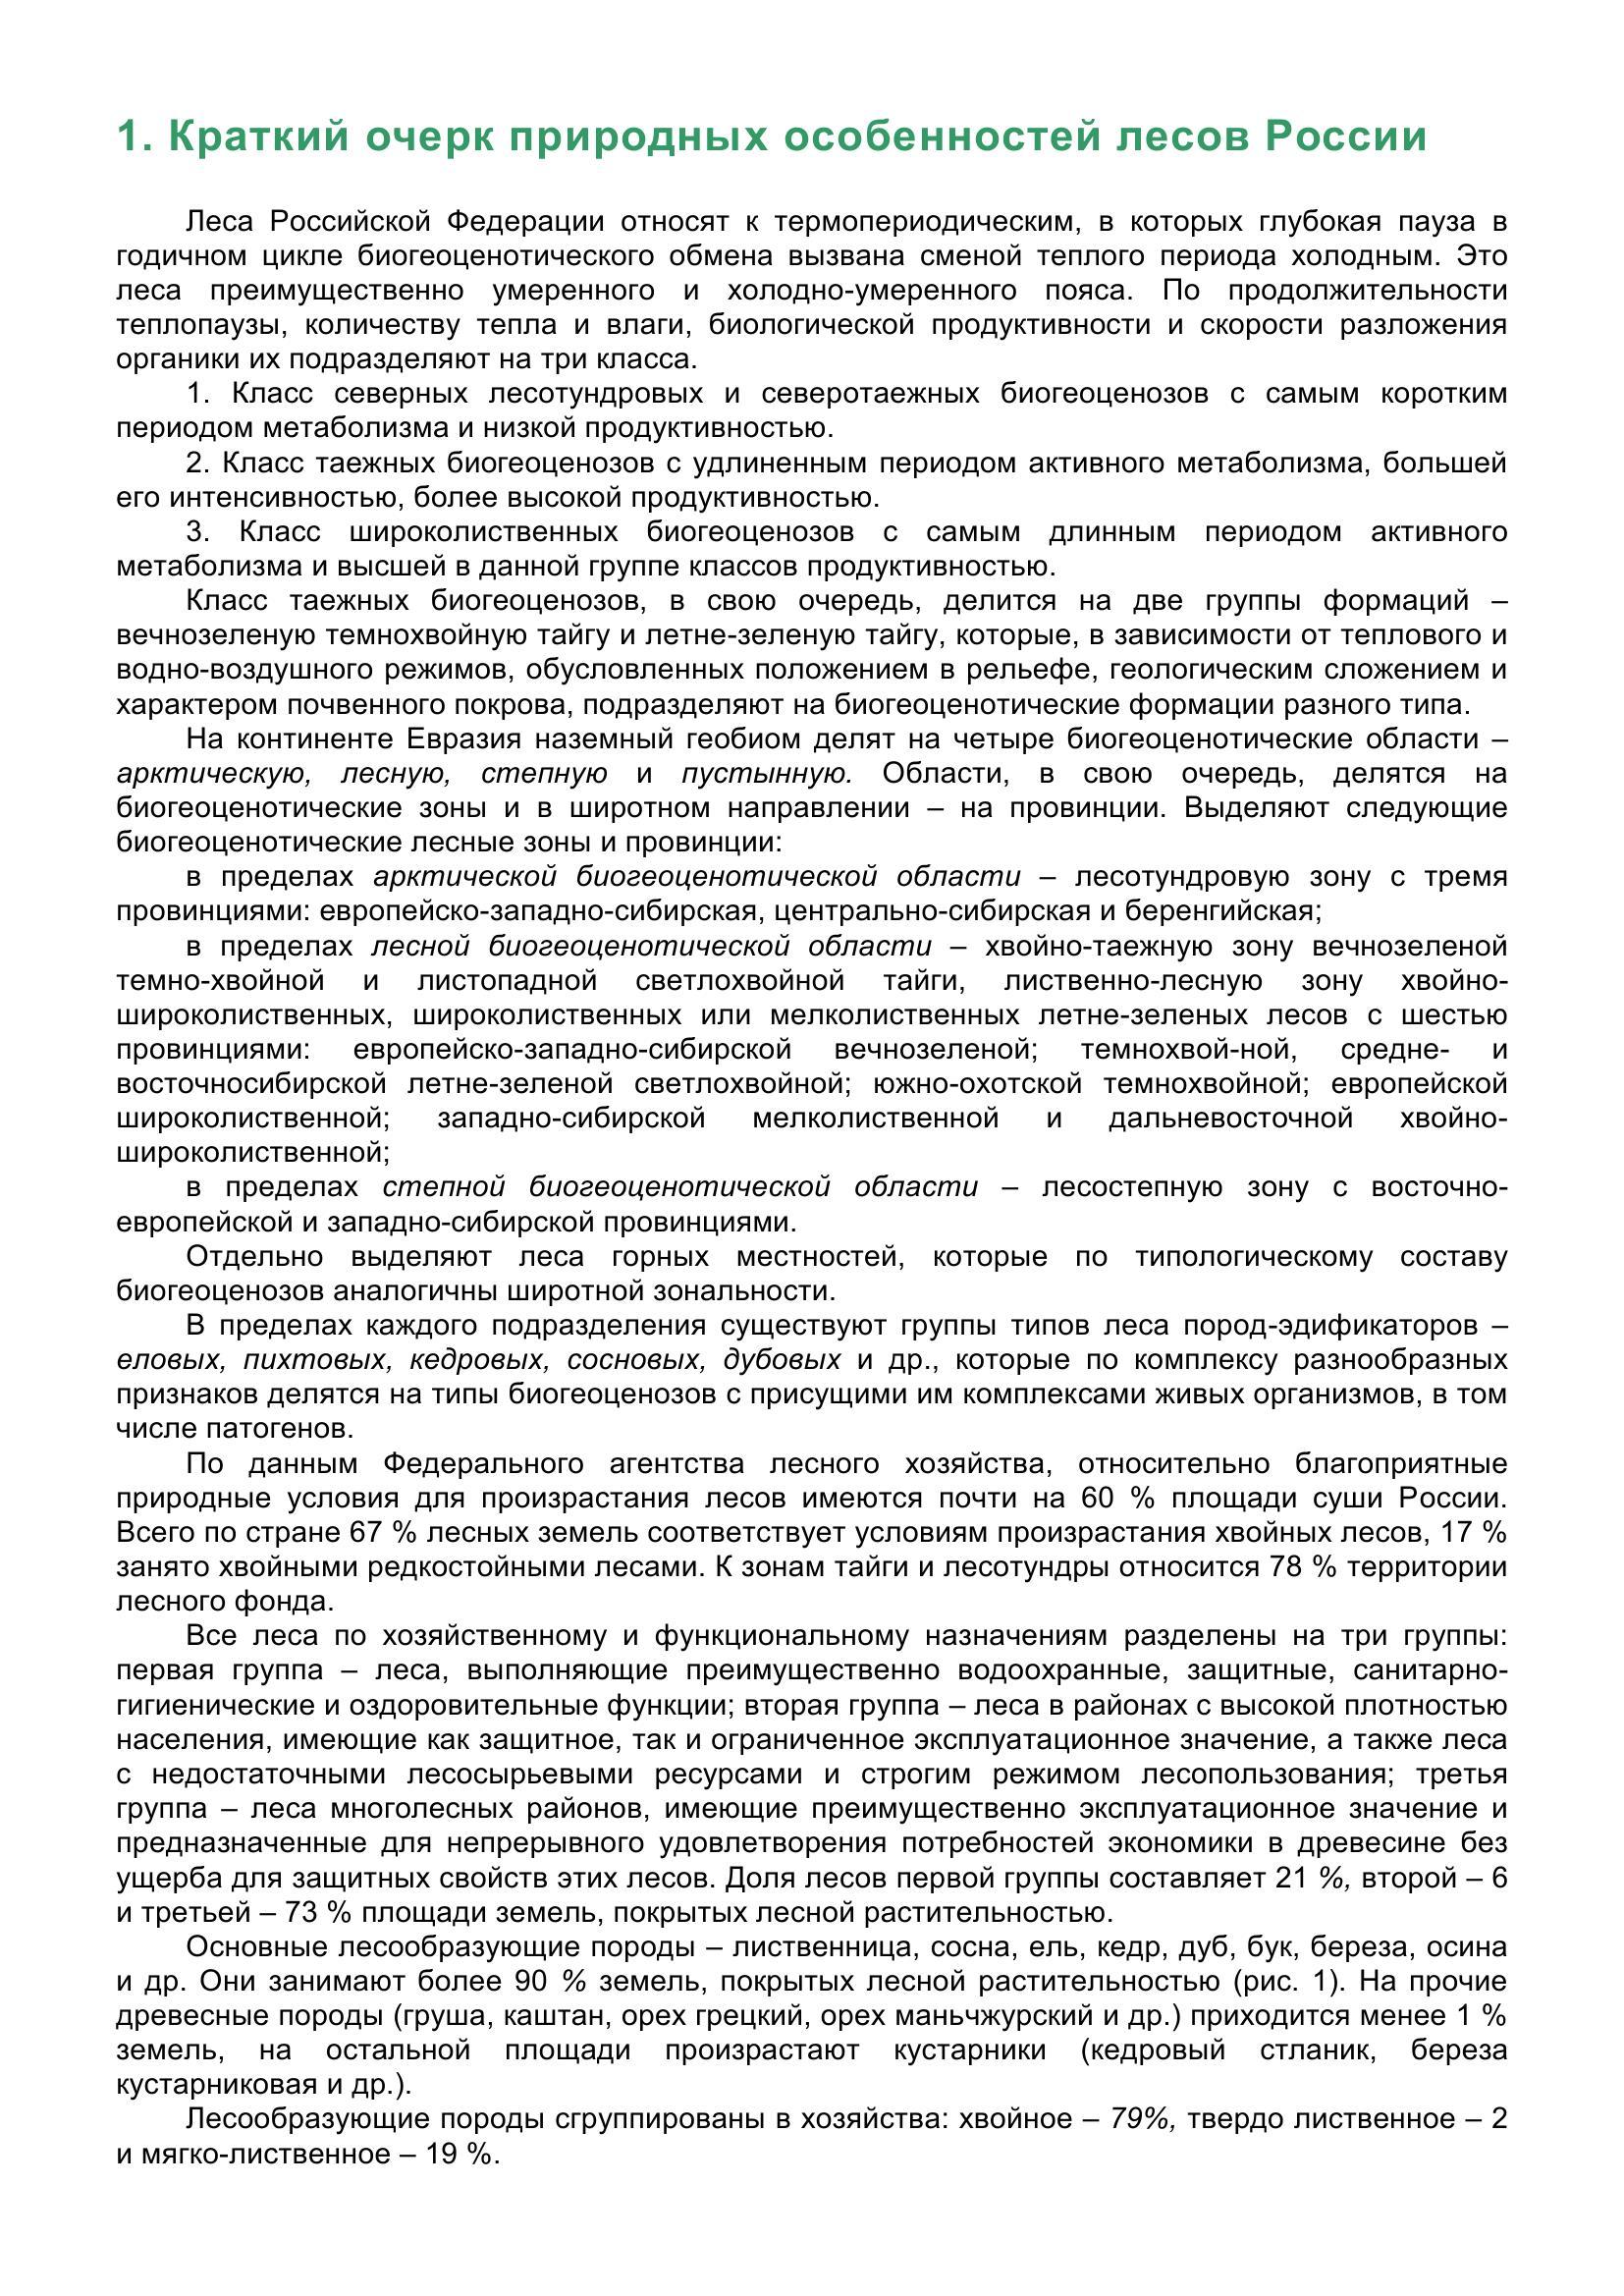 Болезни_древесных_растений_006.jpg